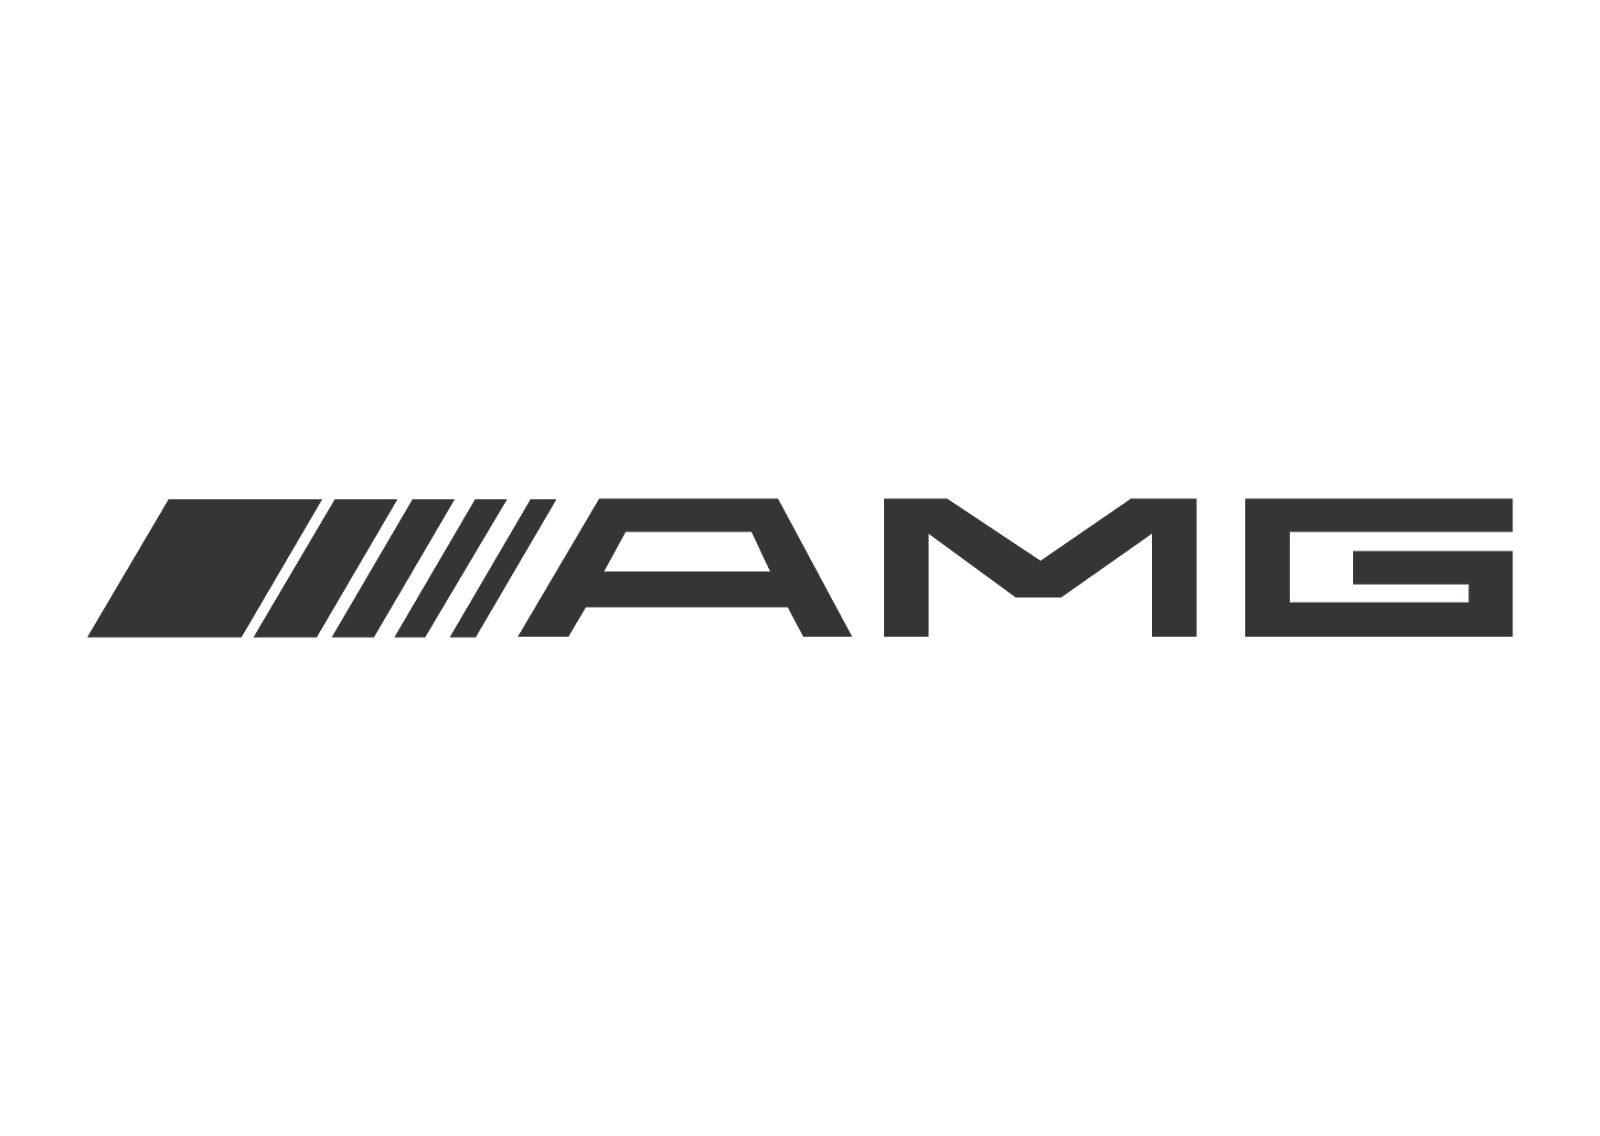 amg logo vector daimler benzmercedes